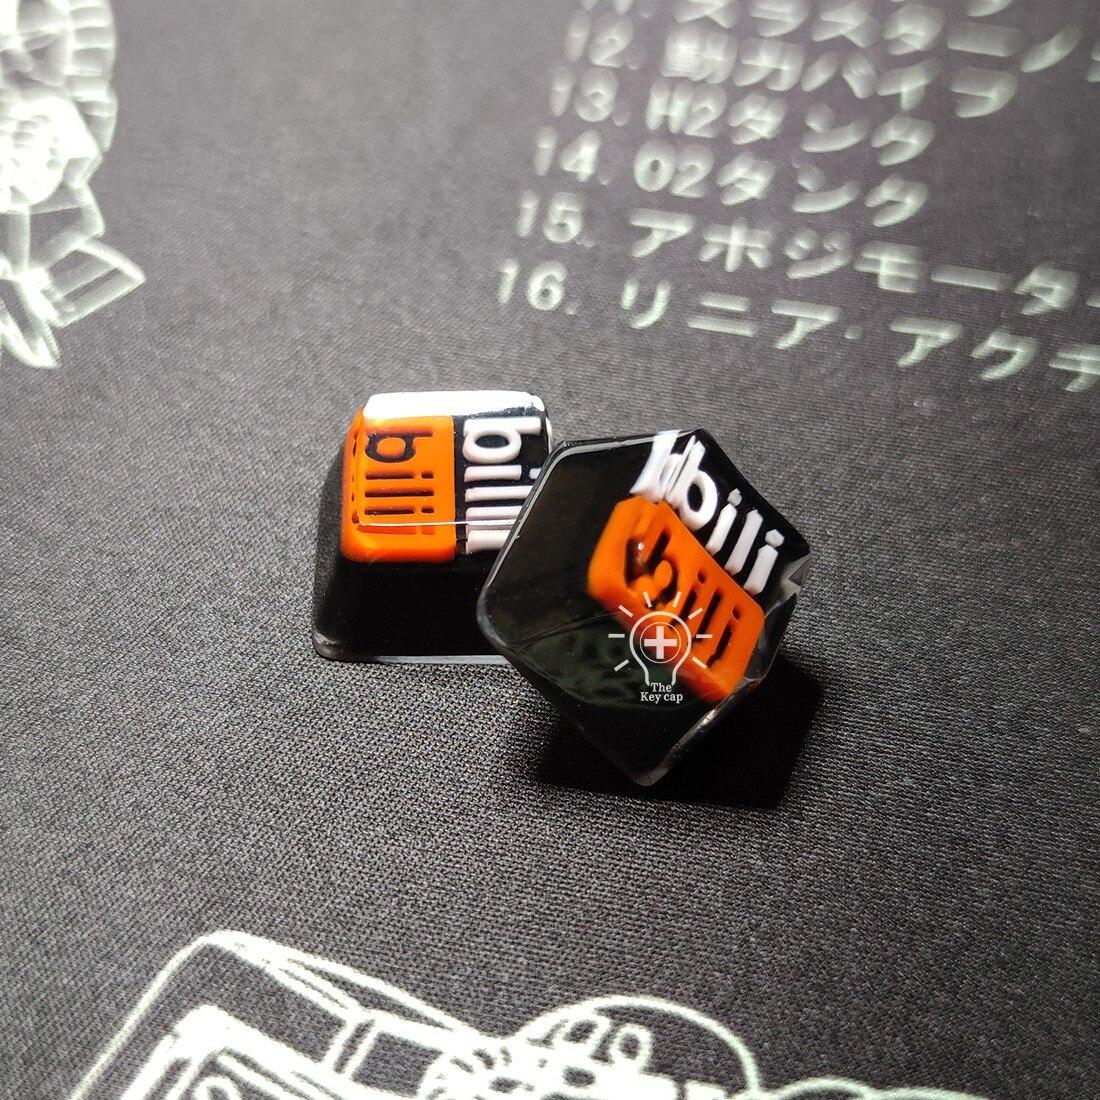 أغطية مفاتيح لوحة المفاتيح الميكانيكية من الراتنج Bilibili أغطية مفاتيح شخصية الكرز أغطية مفاتيح مخصصة هدية لوحة المفاتيح